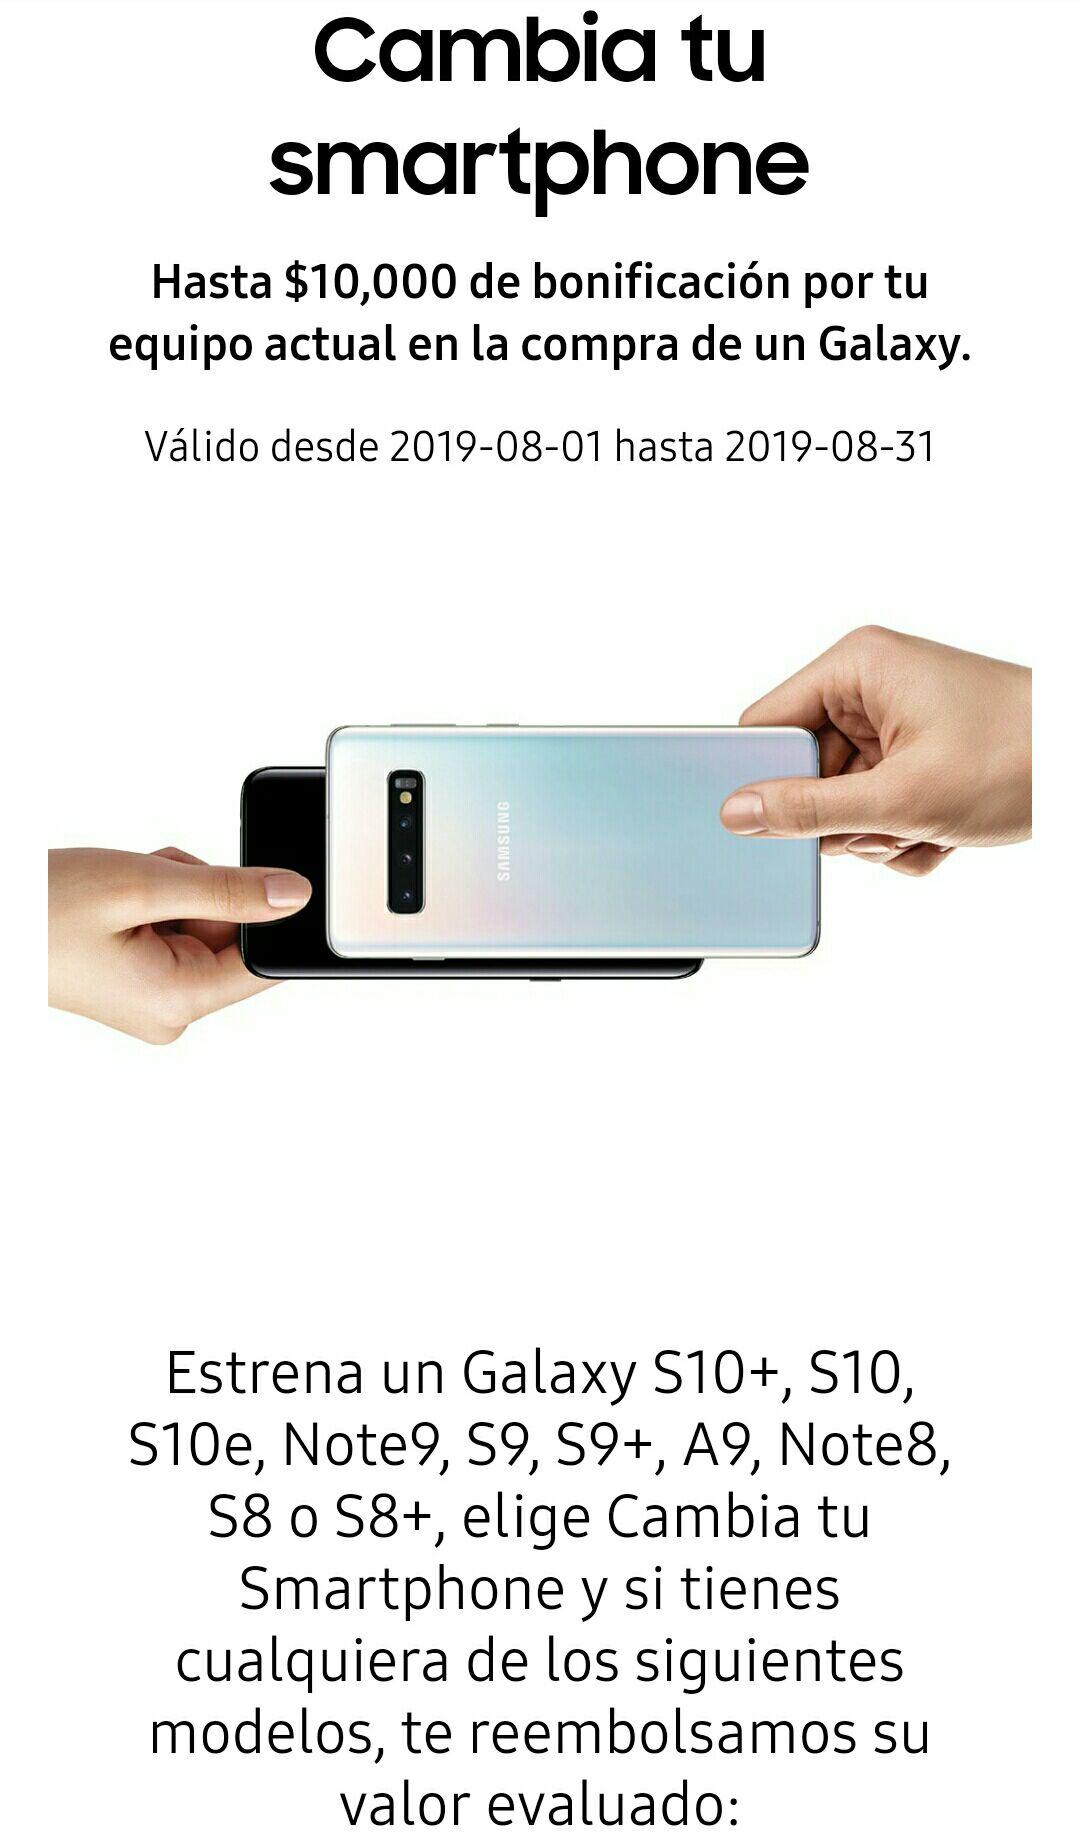 Samsung: Cambia tu smartphone y recibe hasta $10,000 de bonificación en la compra de un Galaxy